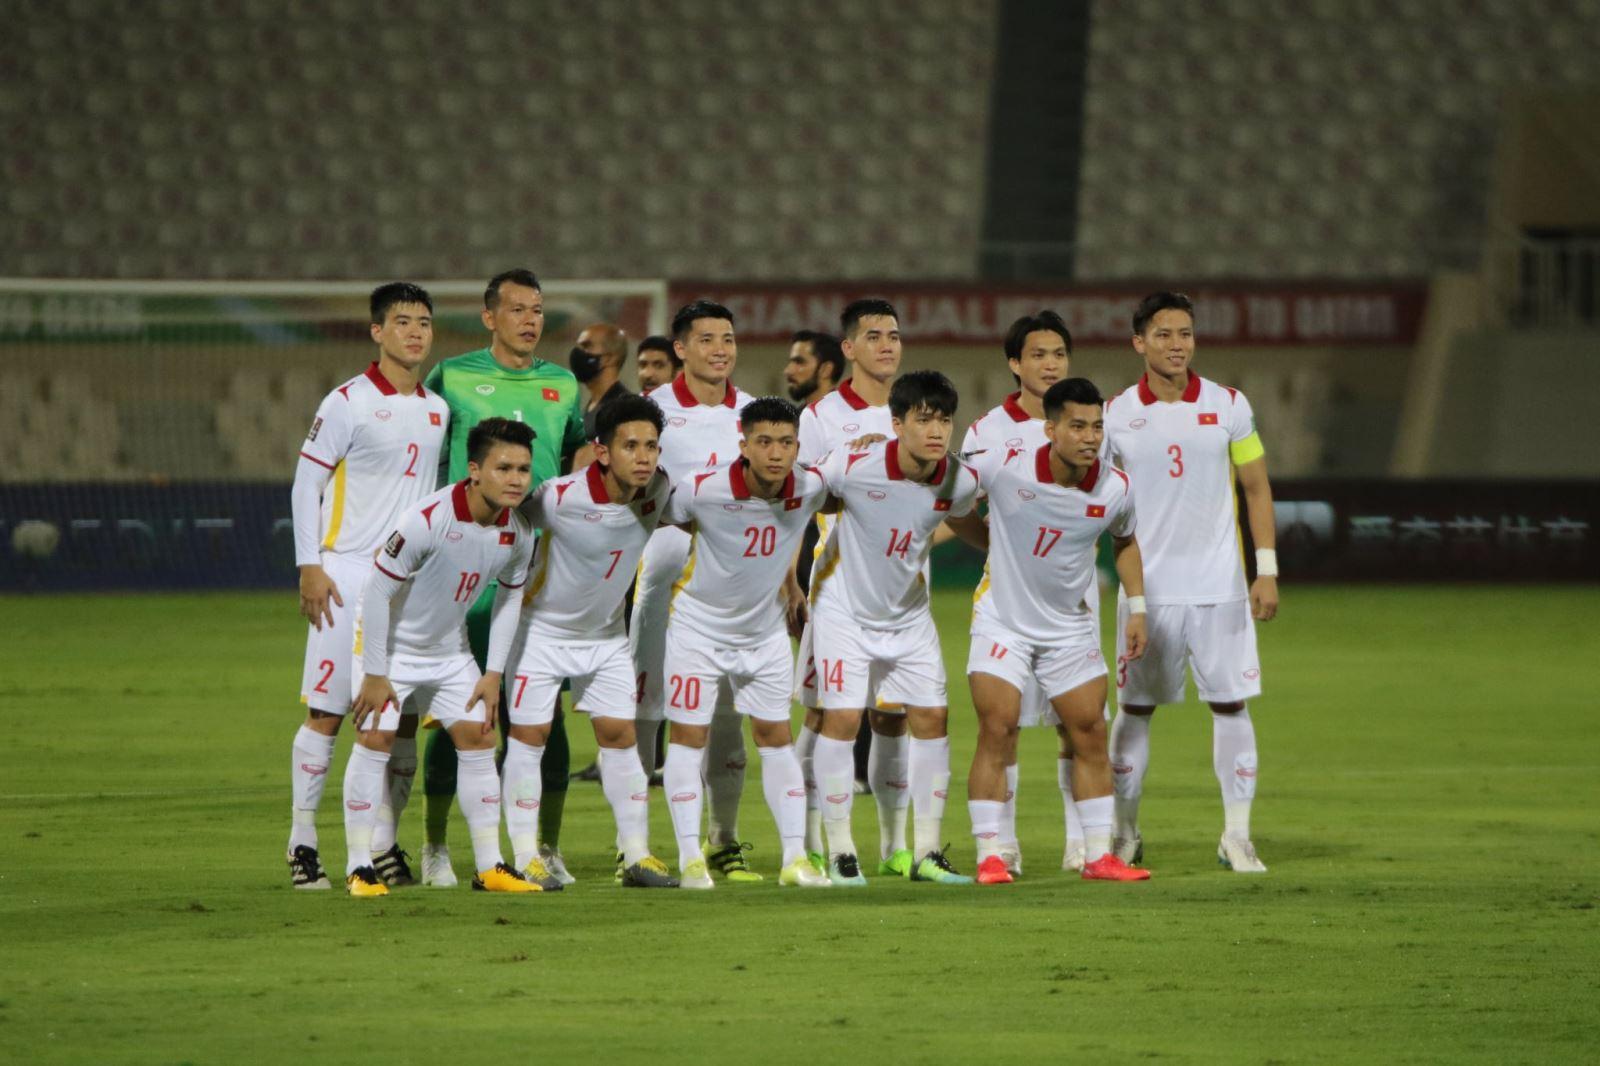 Tin ĐT Việt Nam vs Oman hôm nay 11/10: HLV Park Hang Seo muốn có điểm. Tuyển Việt Nam có thể bị Thái Lan bắt kịp - ảnh 1